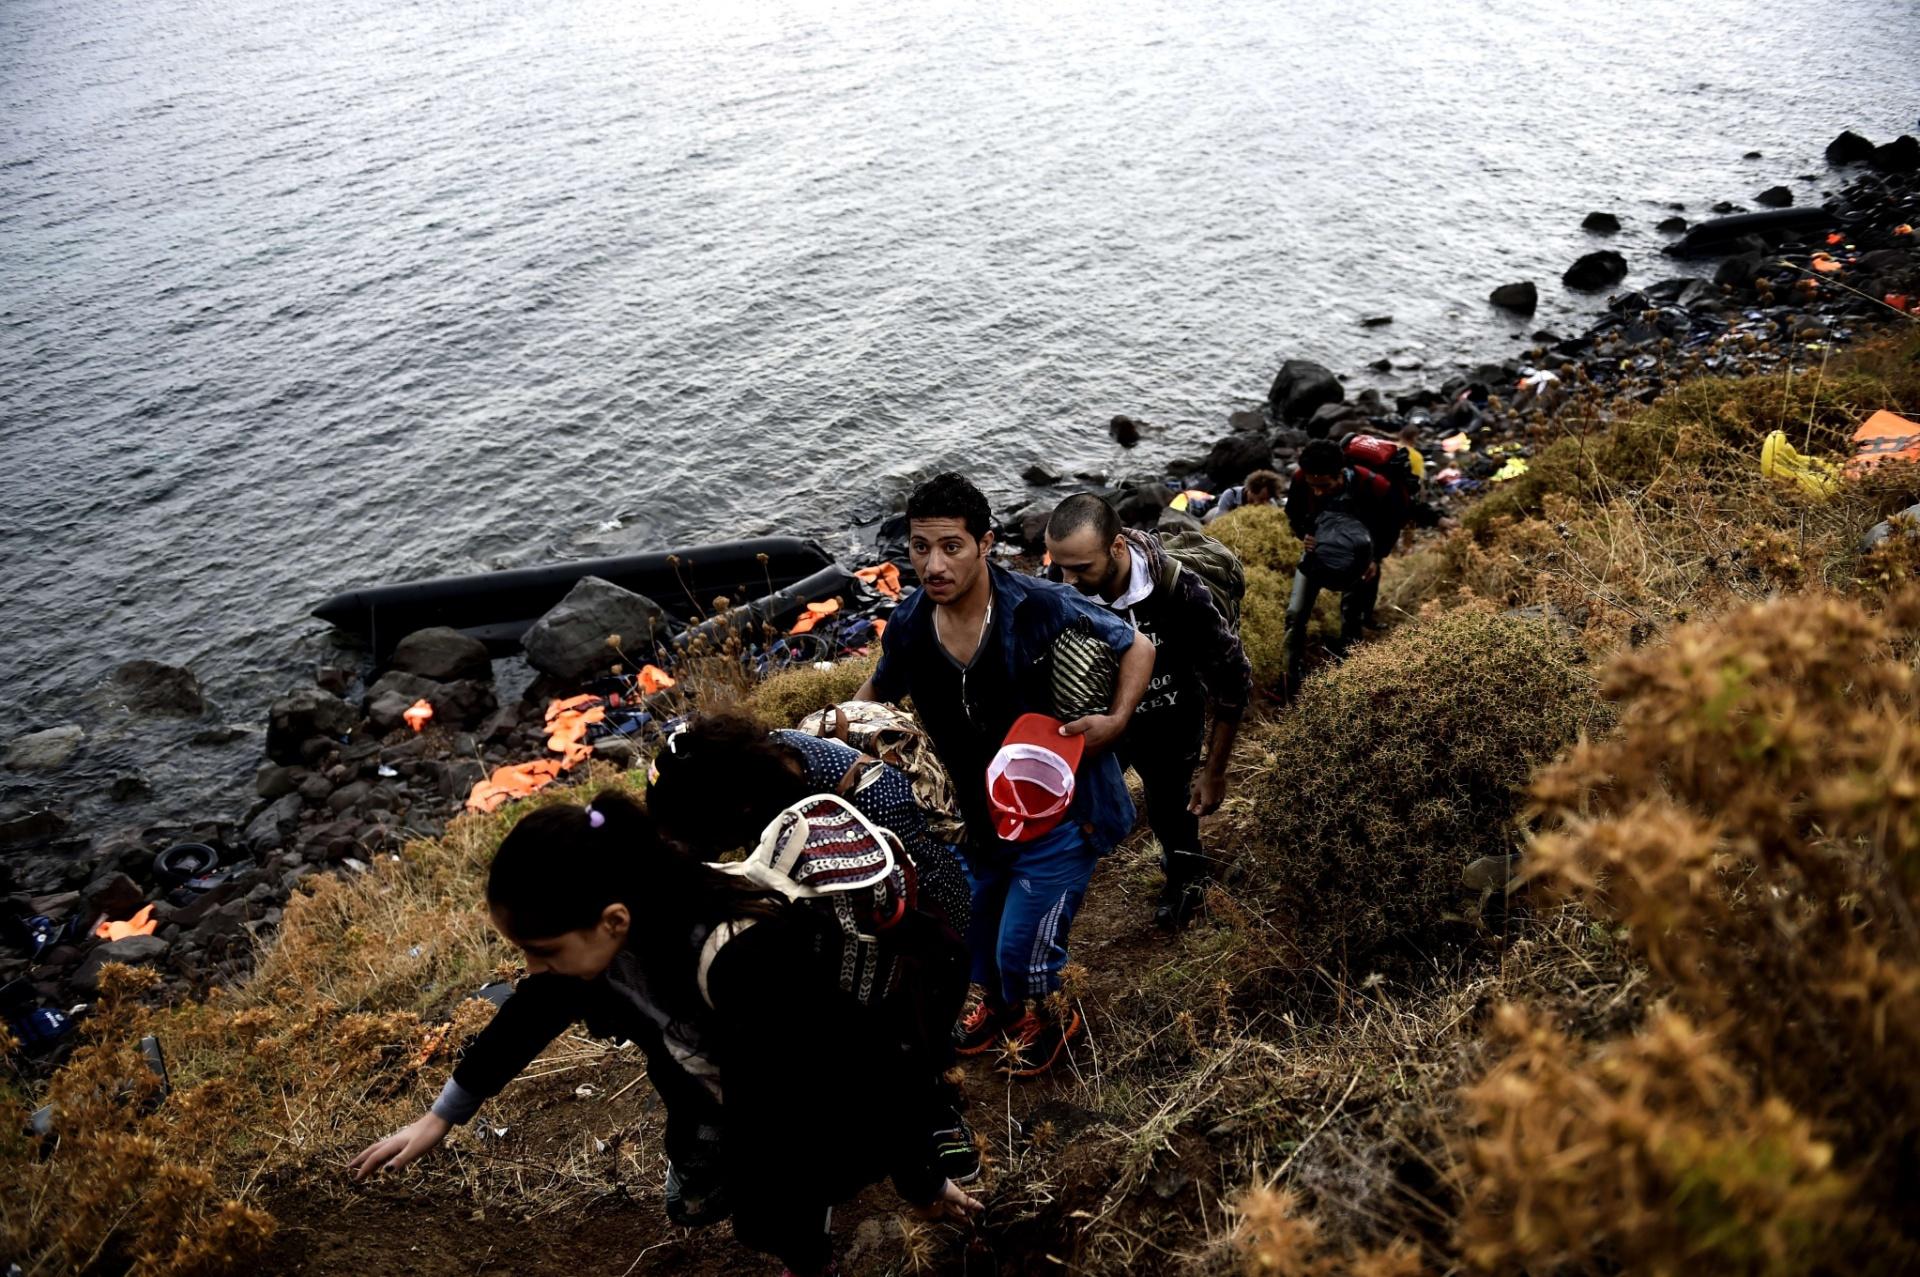 28.set.2015 - Refugiados sírios sobem colina na ilha de Lesbos, na Grécia, depois de atravessarem o mar Egeu, vindos da Turquia. Uma embarcação com imigrantes afundou e deixou dezenas de mortos